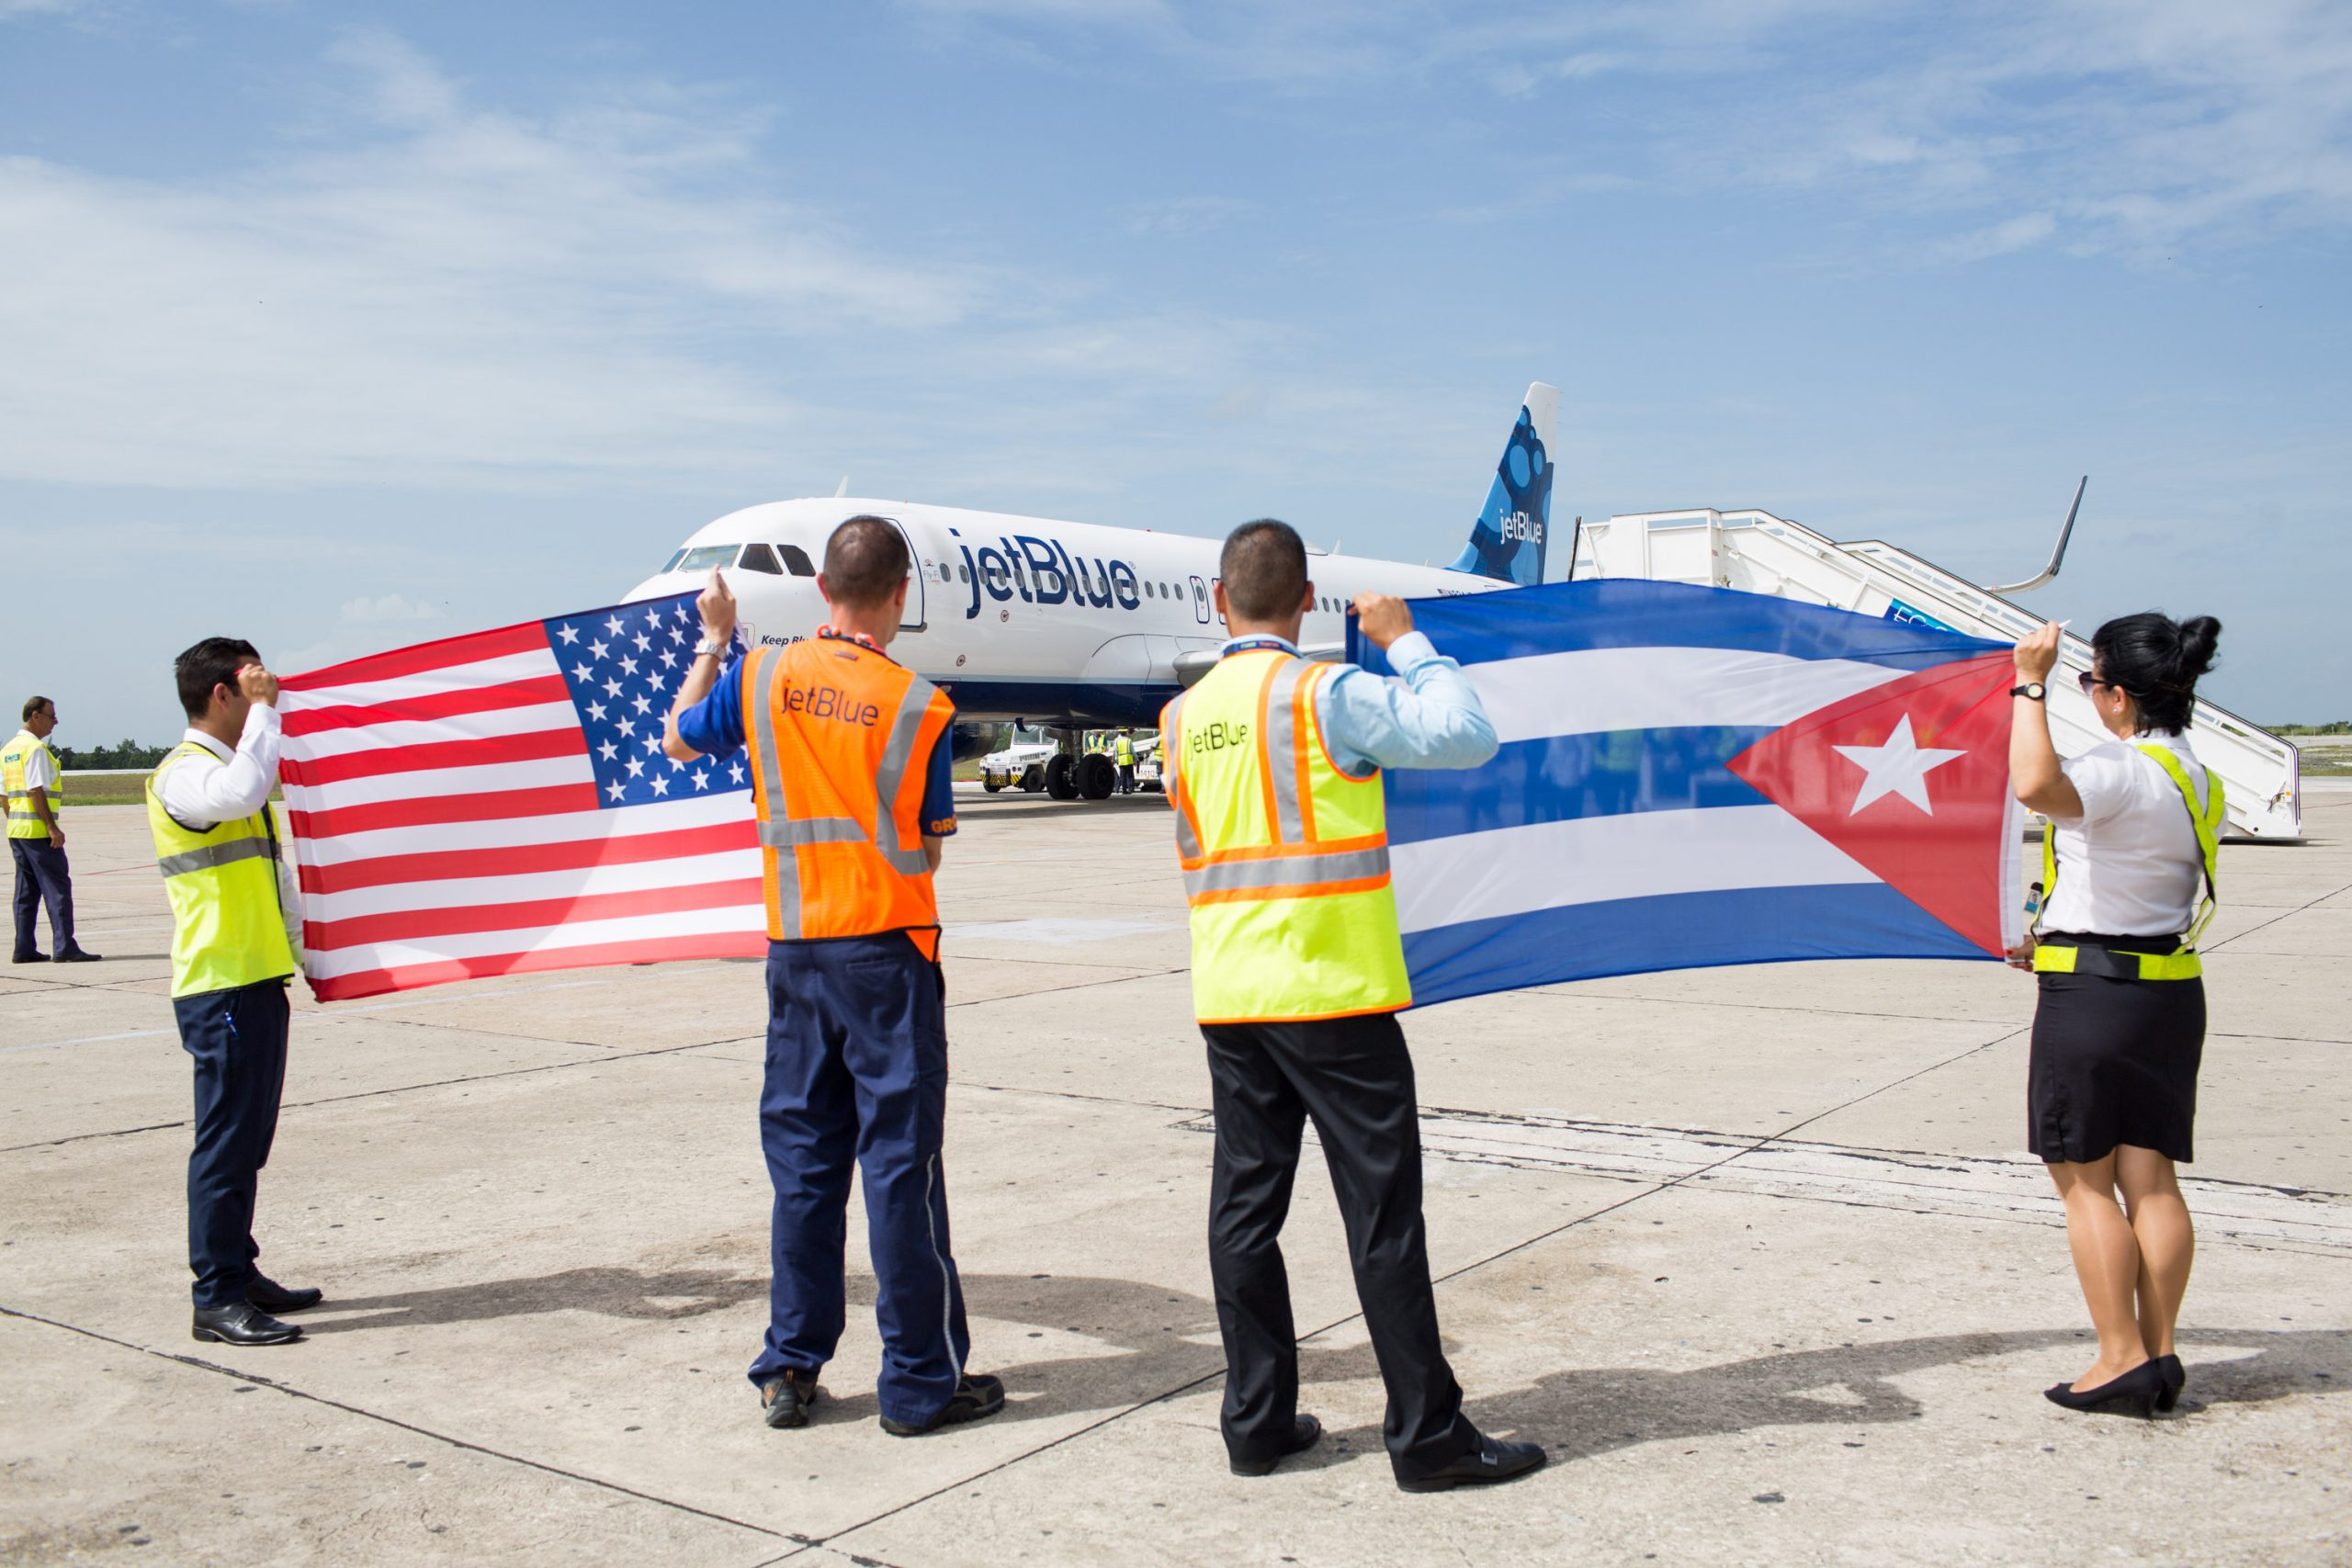 Det bliver stadig sværere at kunne flyve fra USA til Cuba som følge af restriktioner fra den amerikanske regering. Her pressearkivfoto fra JetBlue Airways, da det amerikanske selskab i 2016 havde ruteåbning til Cuba.